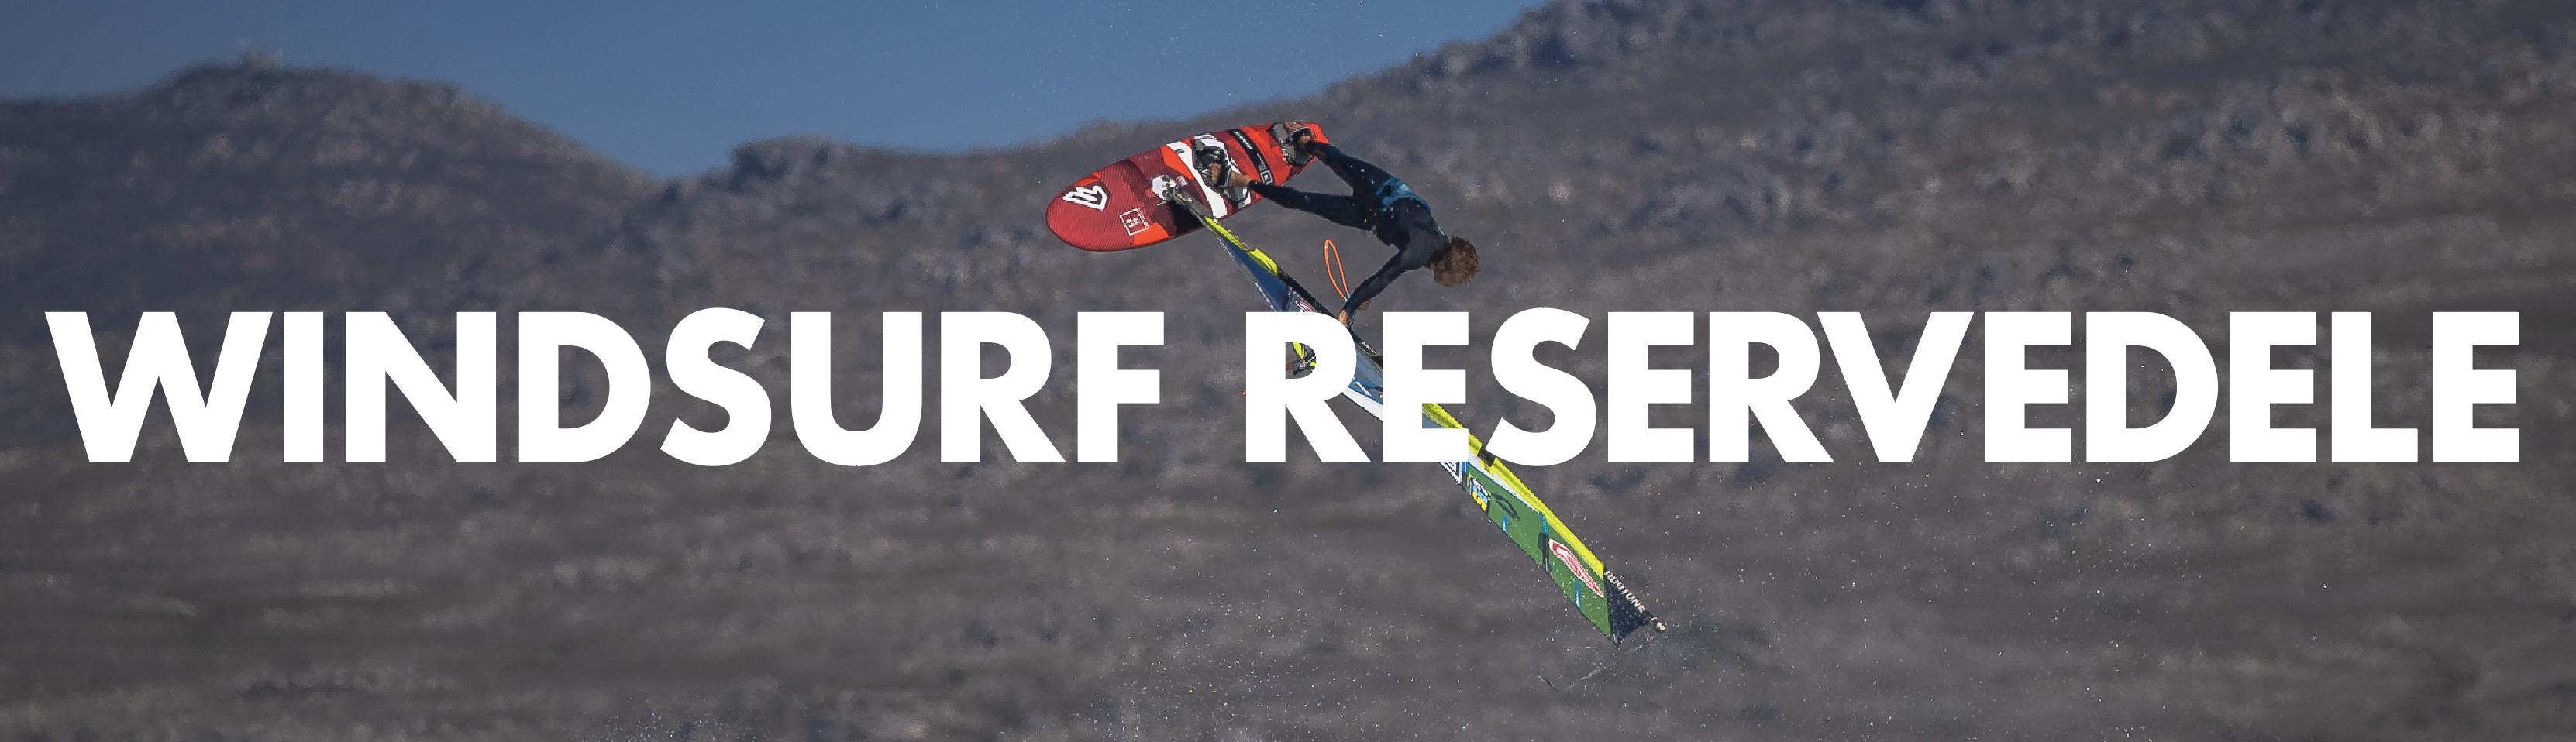 Windsurf Reservedele - Surf og ski Horsens